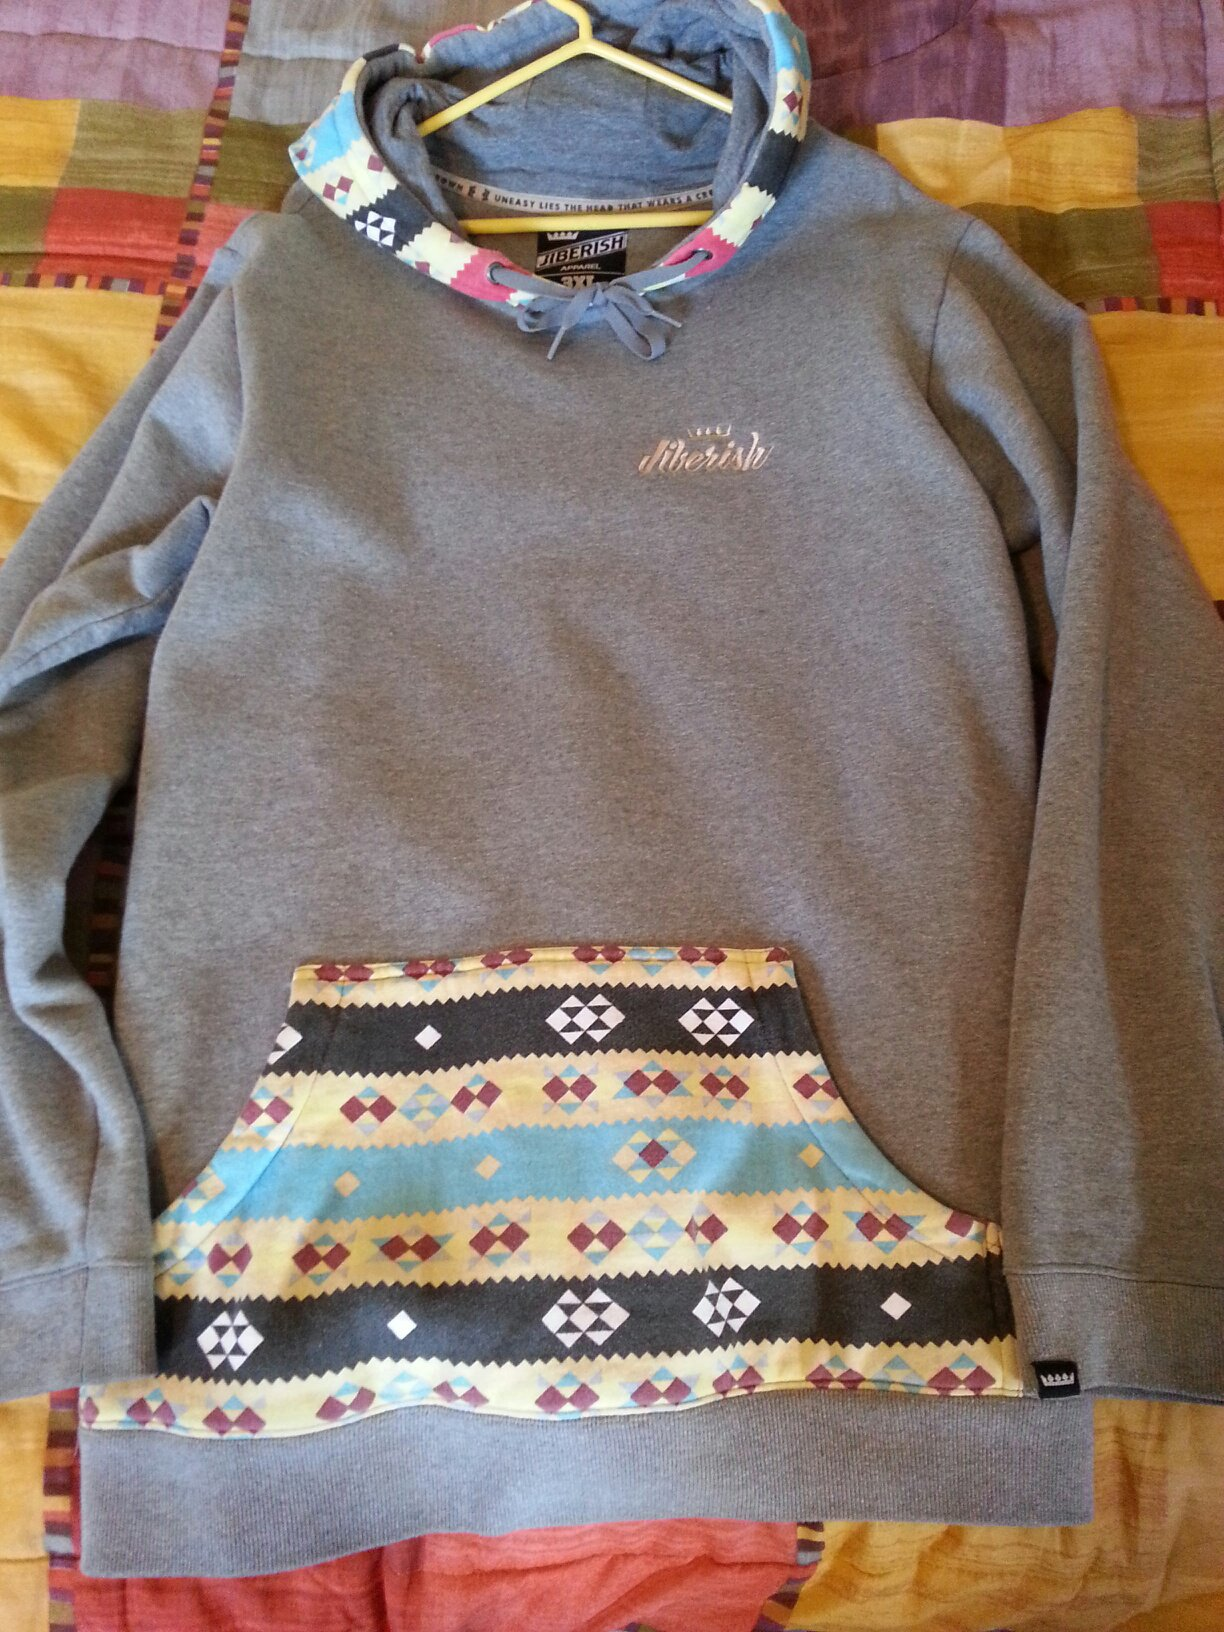 Jiberish hoodie 3XL